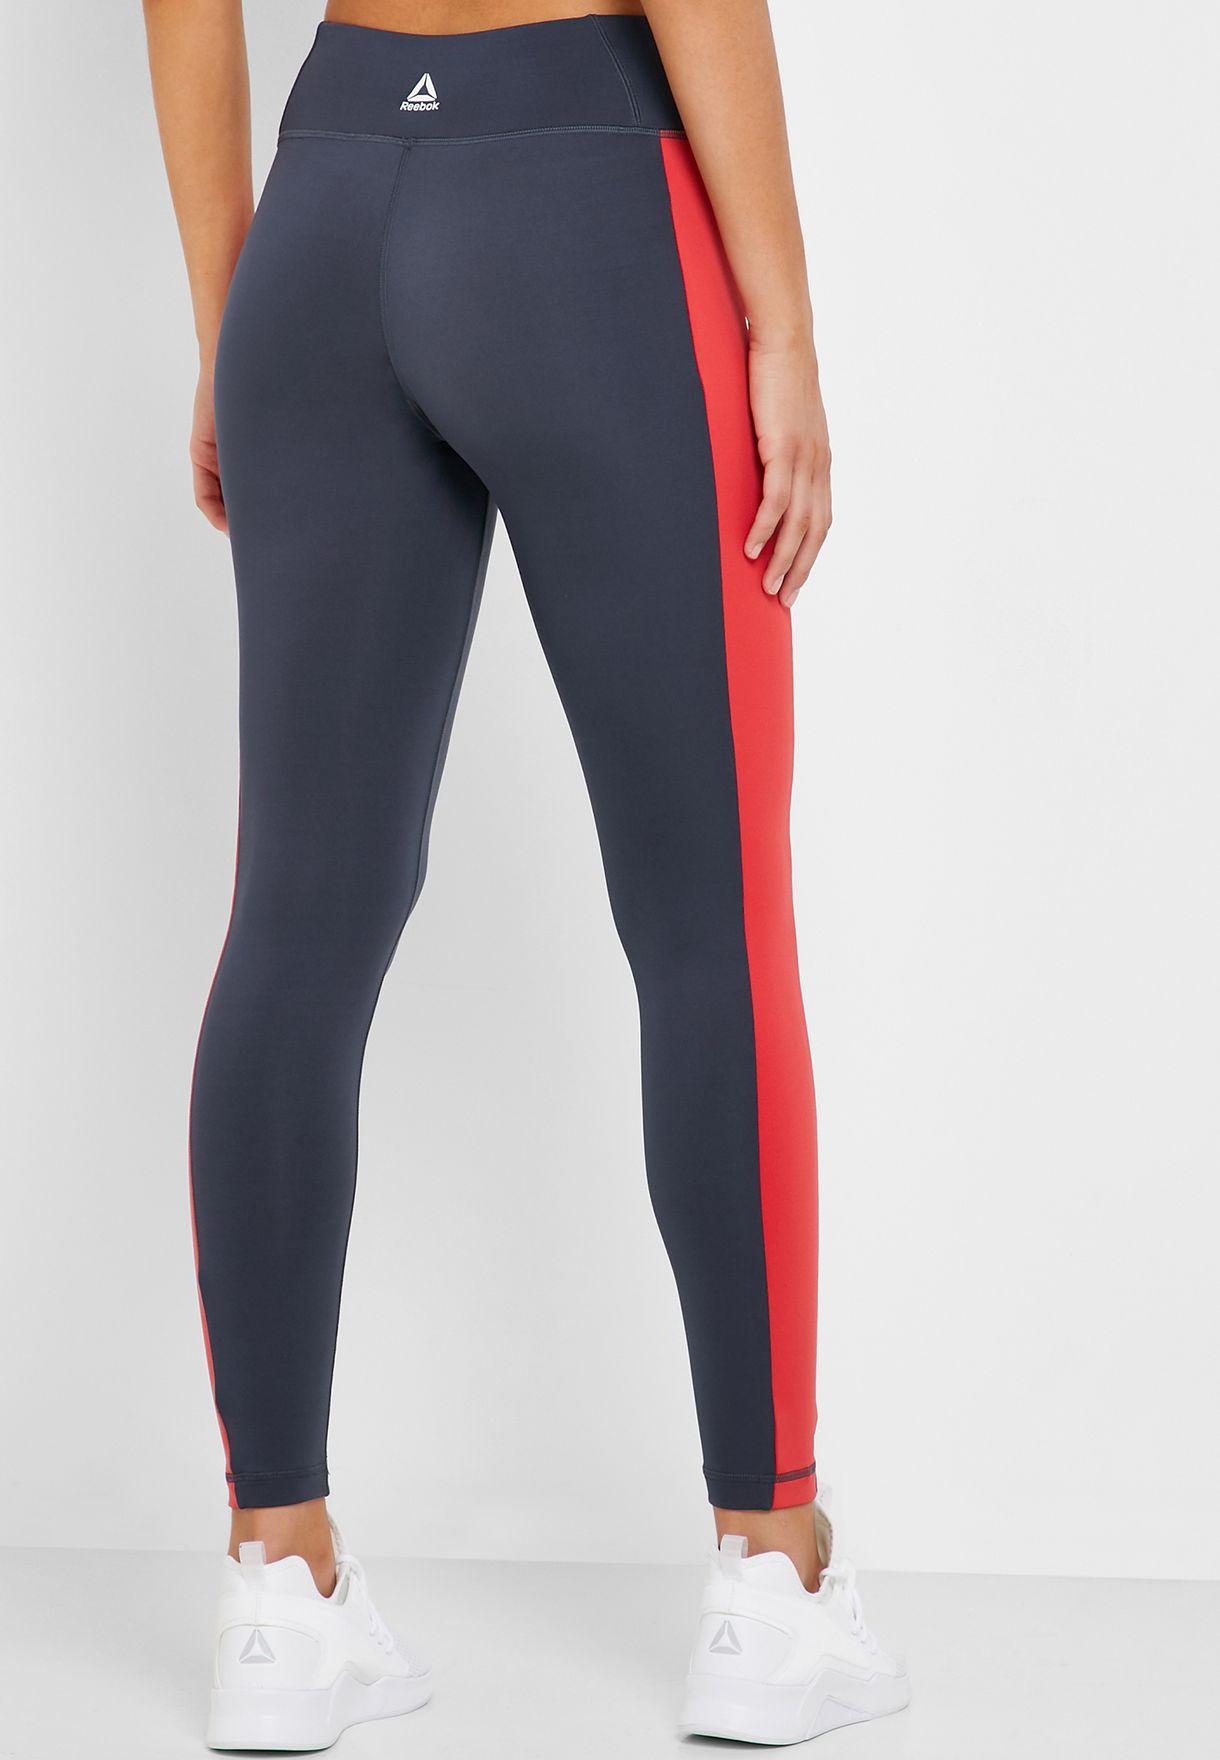 Linear Leggings